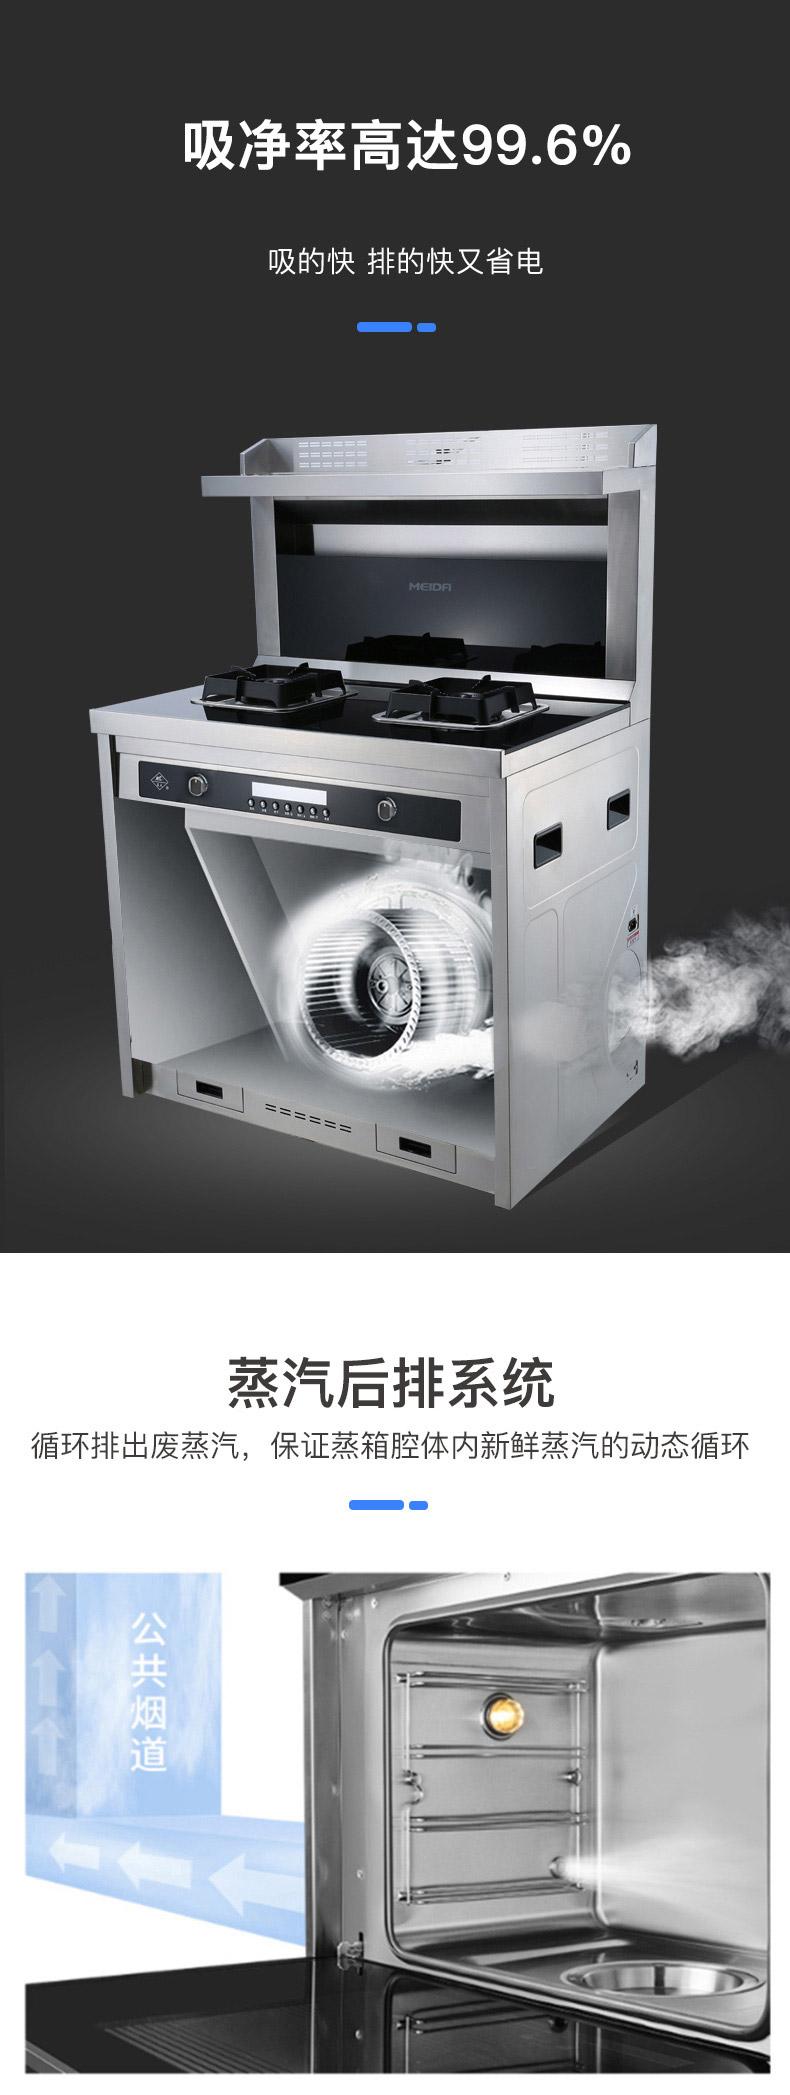 美大集成灶ZX90蒸箱款